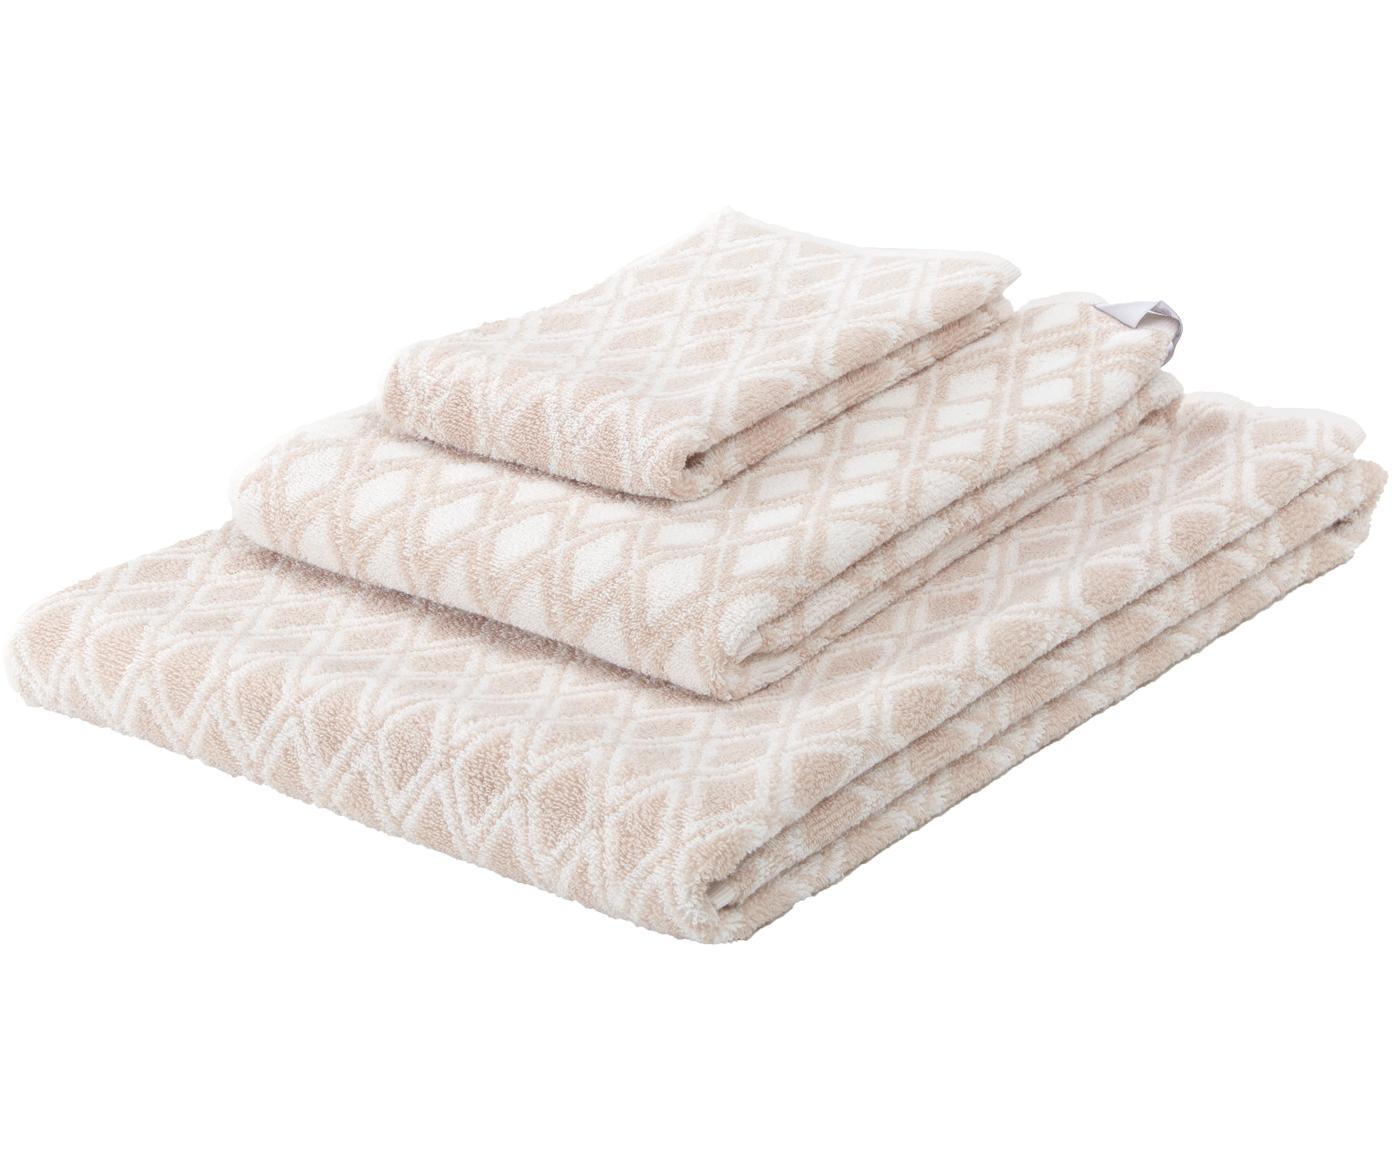 Dubbelzijdige handdoekenset Ava, 3-delig, 100% katoen, middelzware kwaliteit, 550 g/m², Zandkleurig, crèmewit, Verschillende formaten